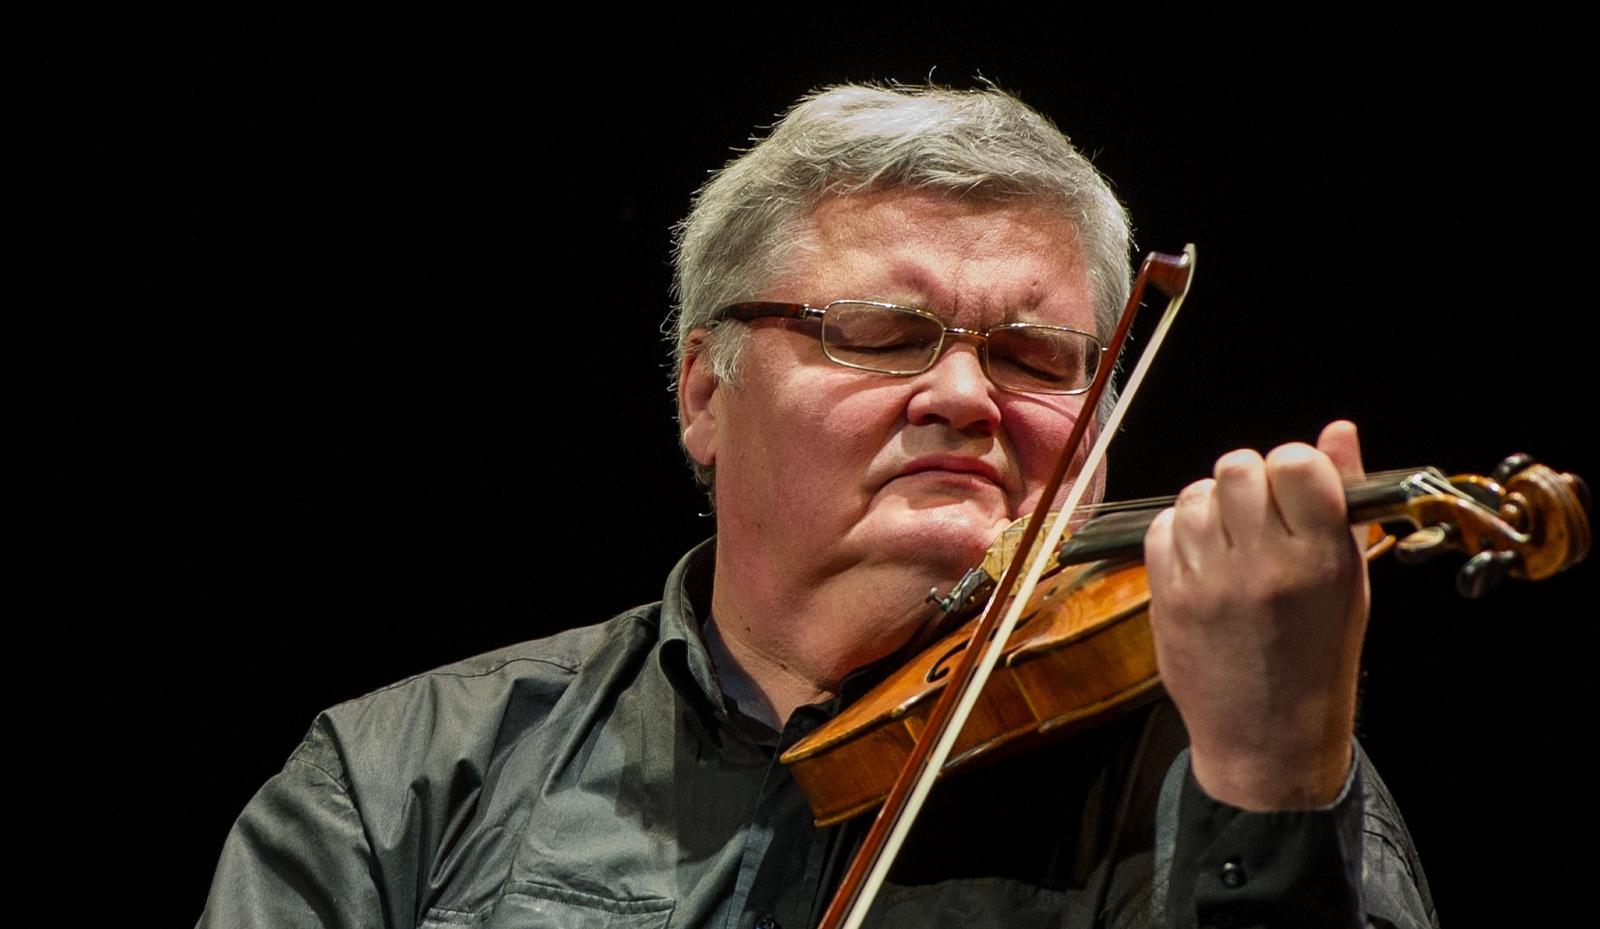 Концерт «Моцарт. Виртуозная музыка для скрипки» – события на сайте «Московские Сезоны»